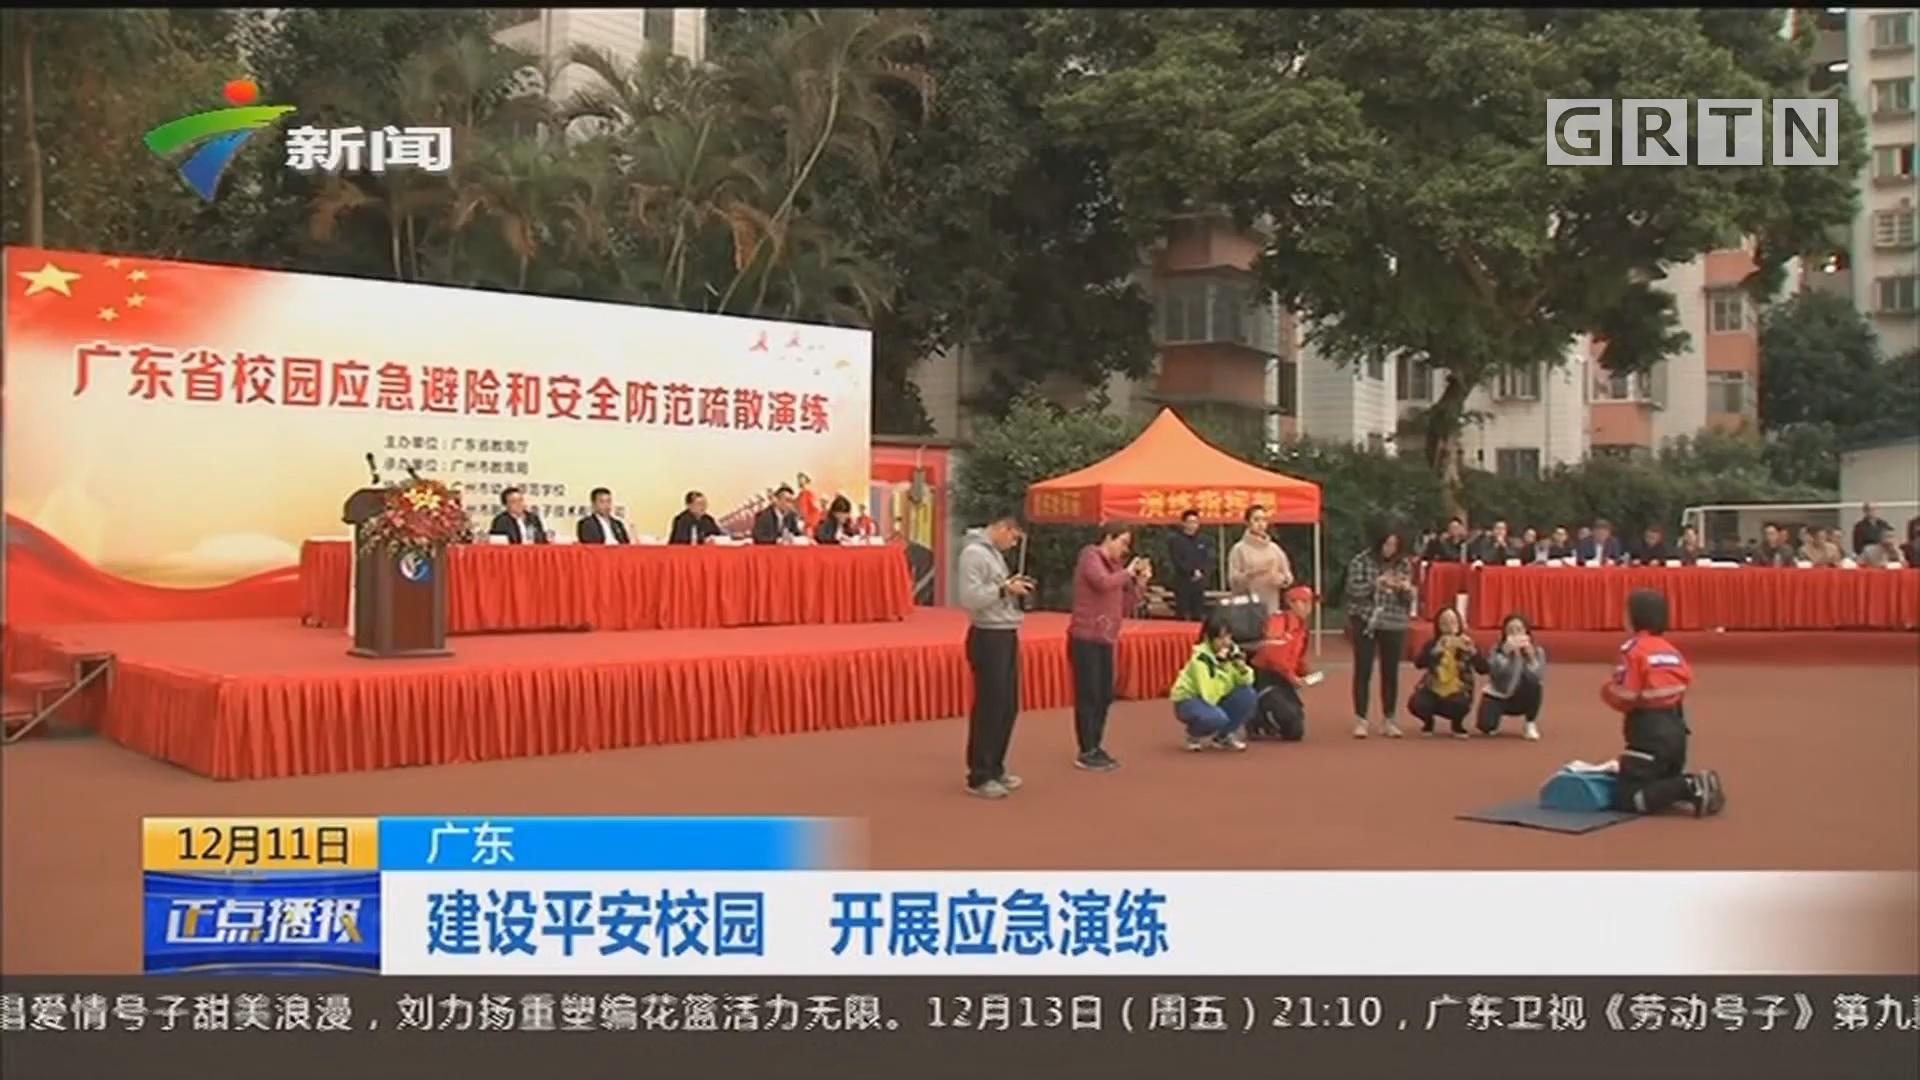 广东:建设平安校园 开展应急演练